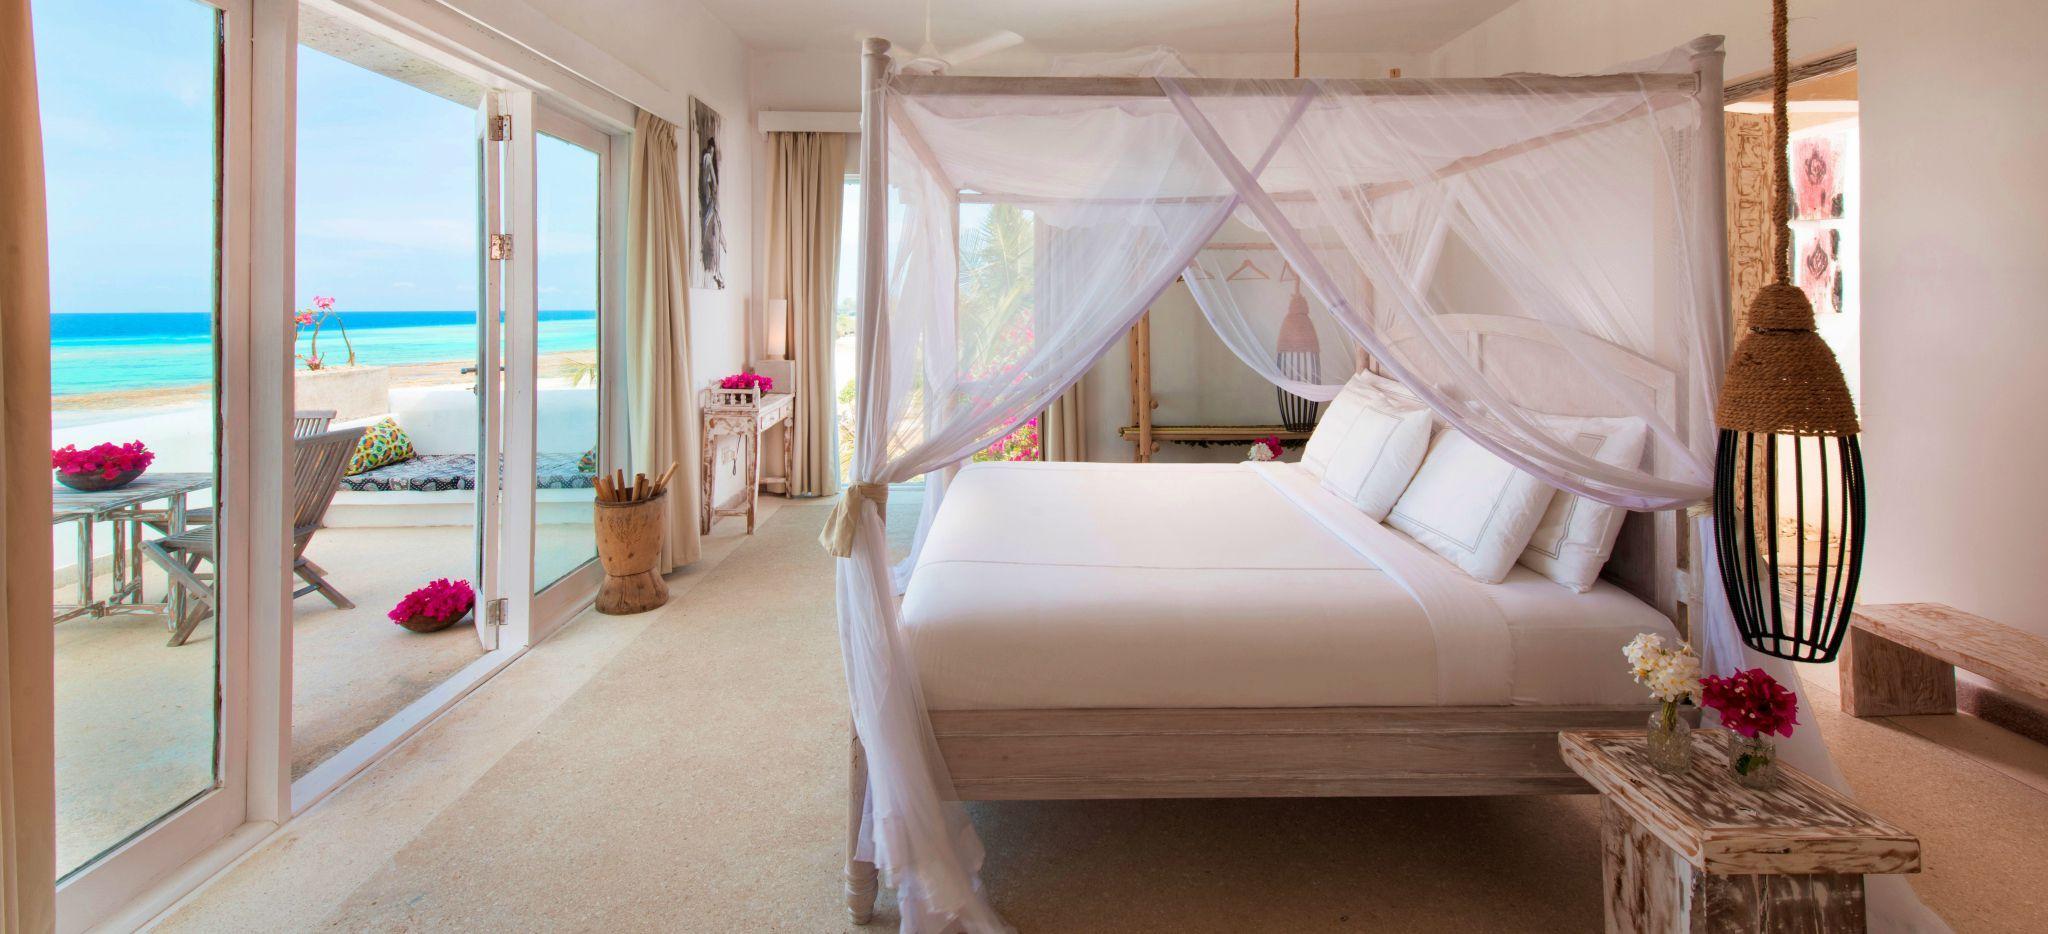 Ein Bett in einem hellen, fast vollständig weißem Schlafzimmer mit Glasfront, durch die man eine Dachterrasse betritt